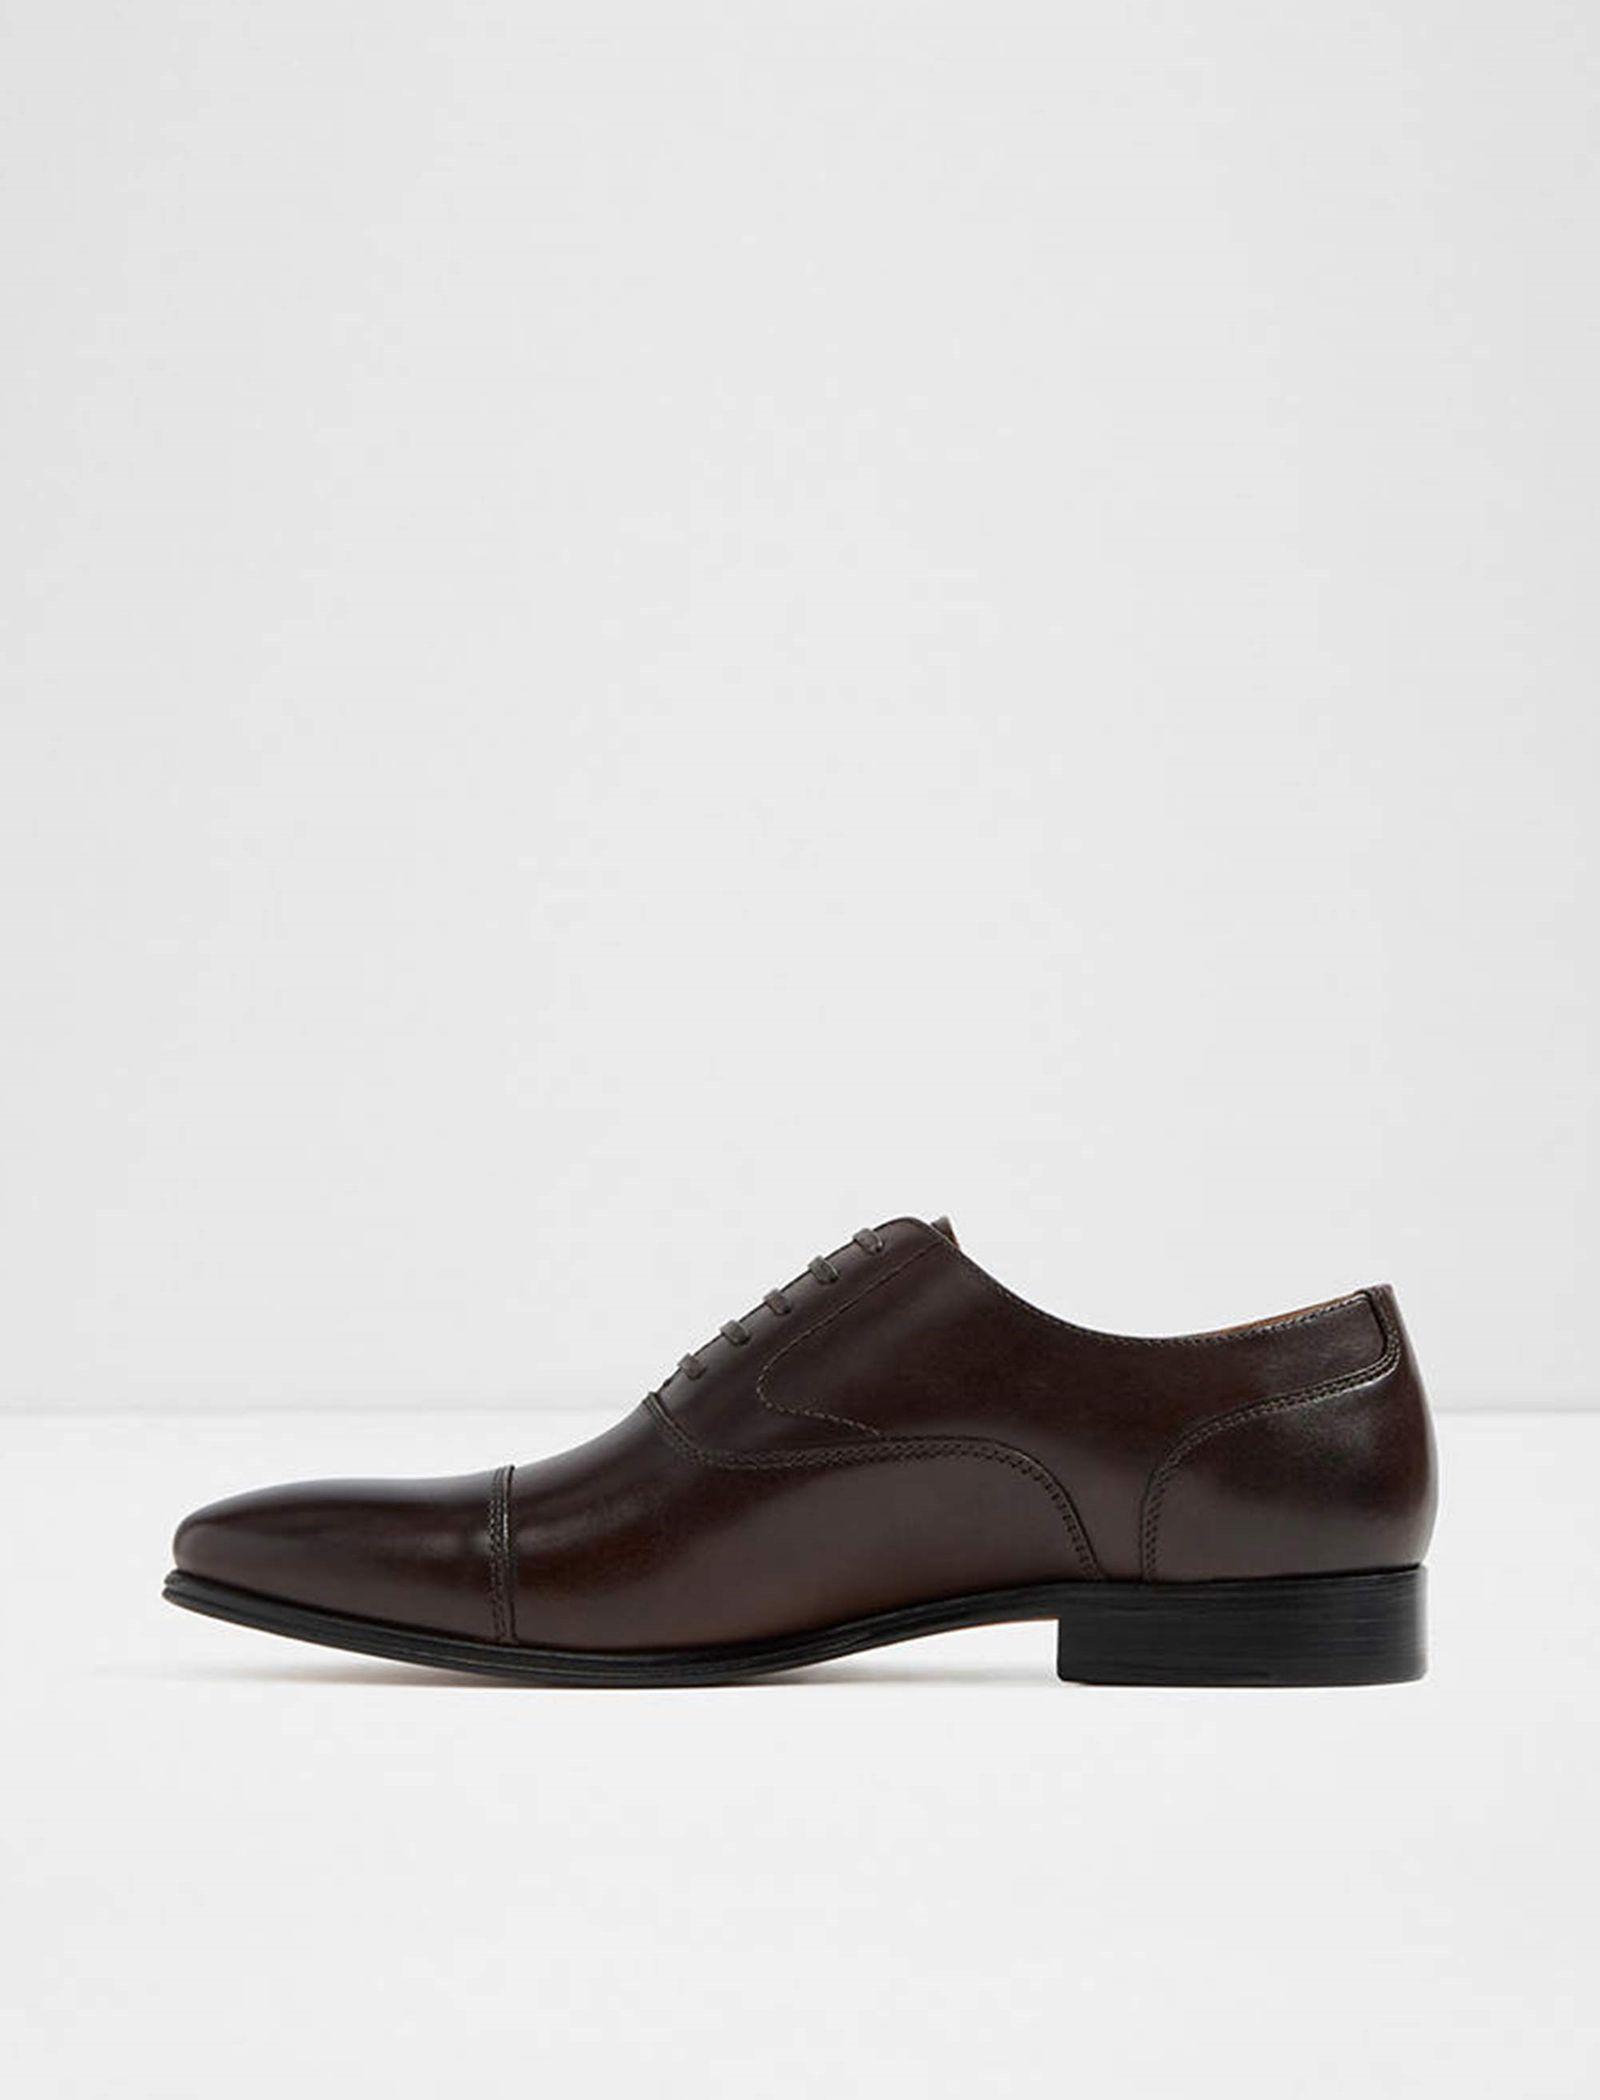 کفش رسمی چرم مردانه - آلدو - قهوه اي تيره - 2